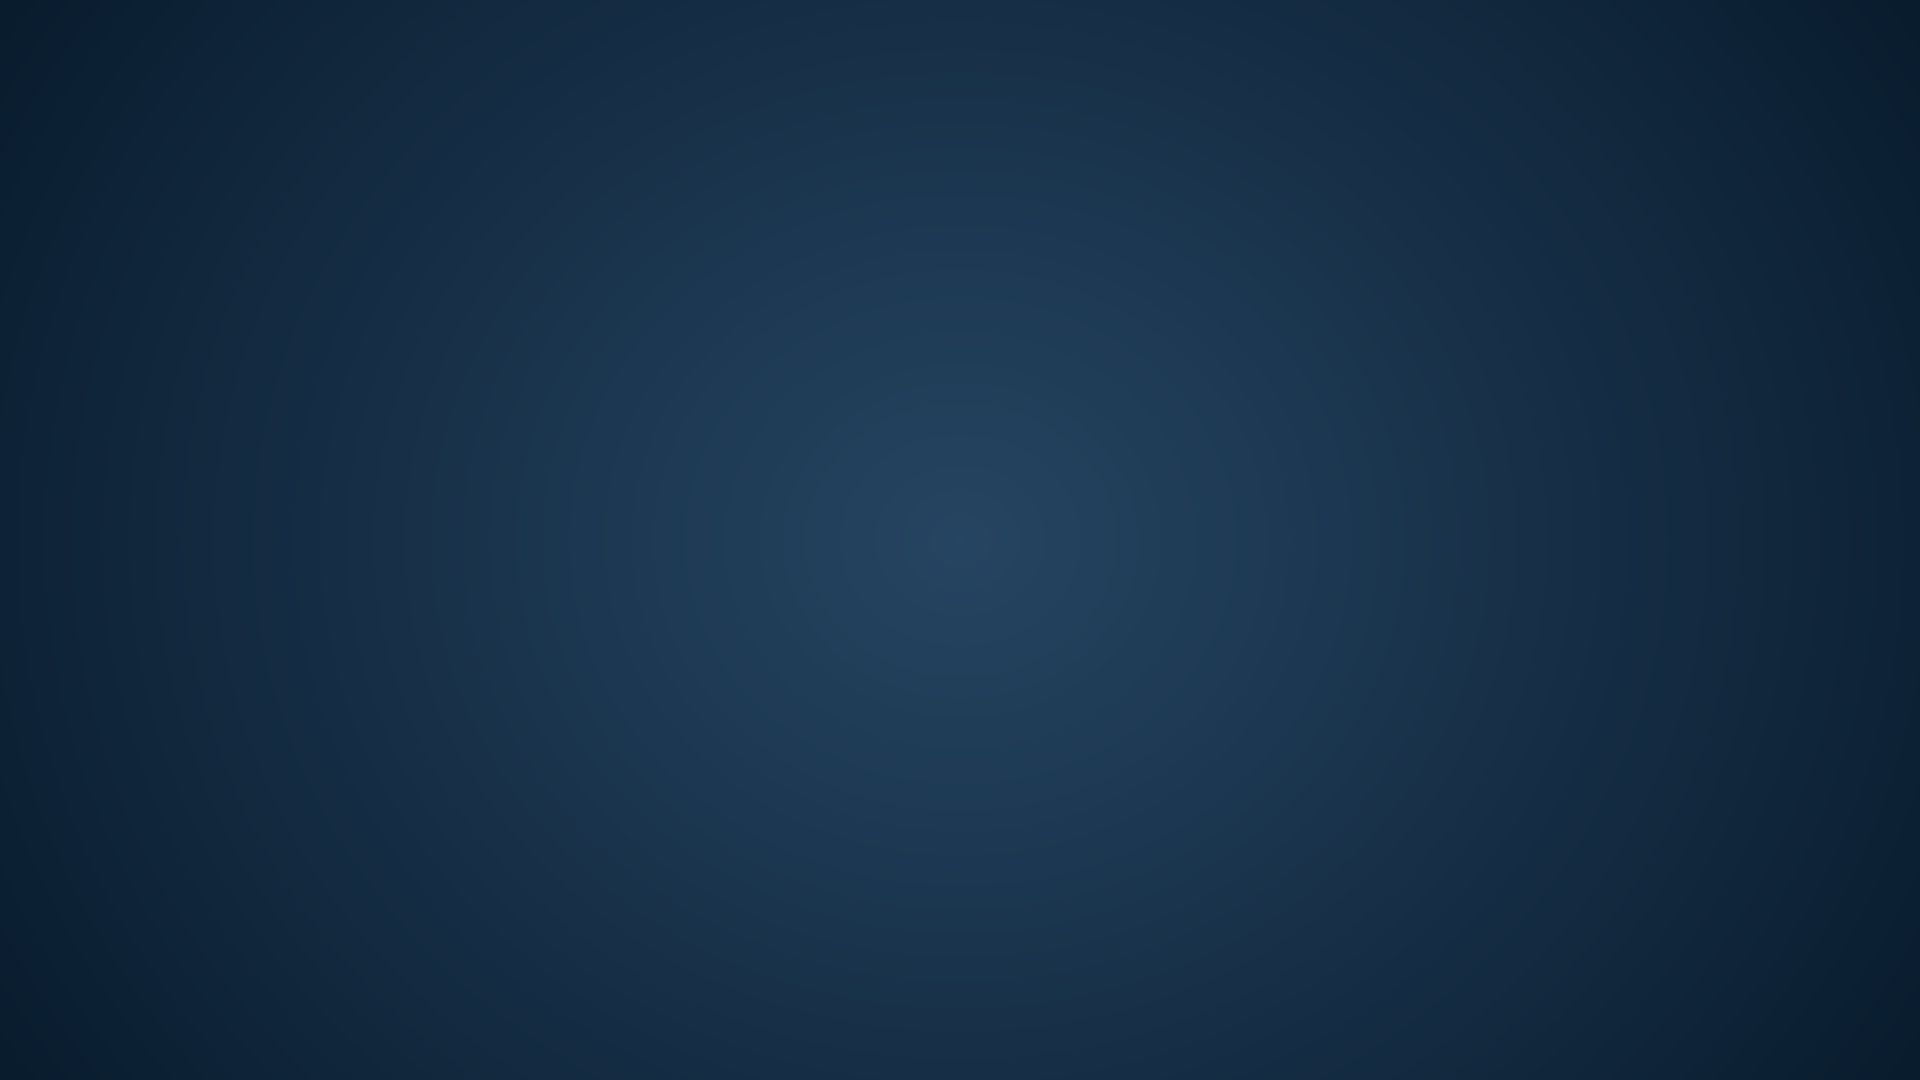 Grachtenboten background image